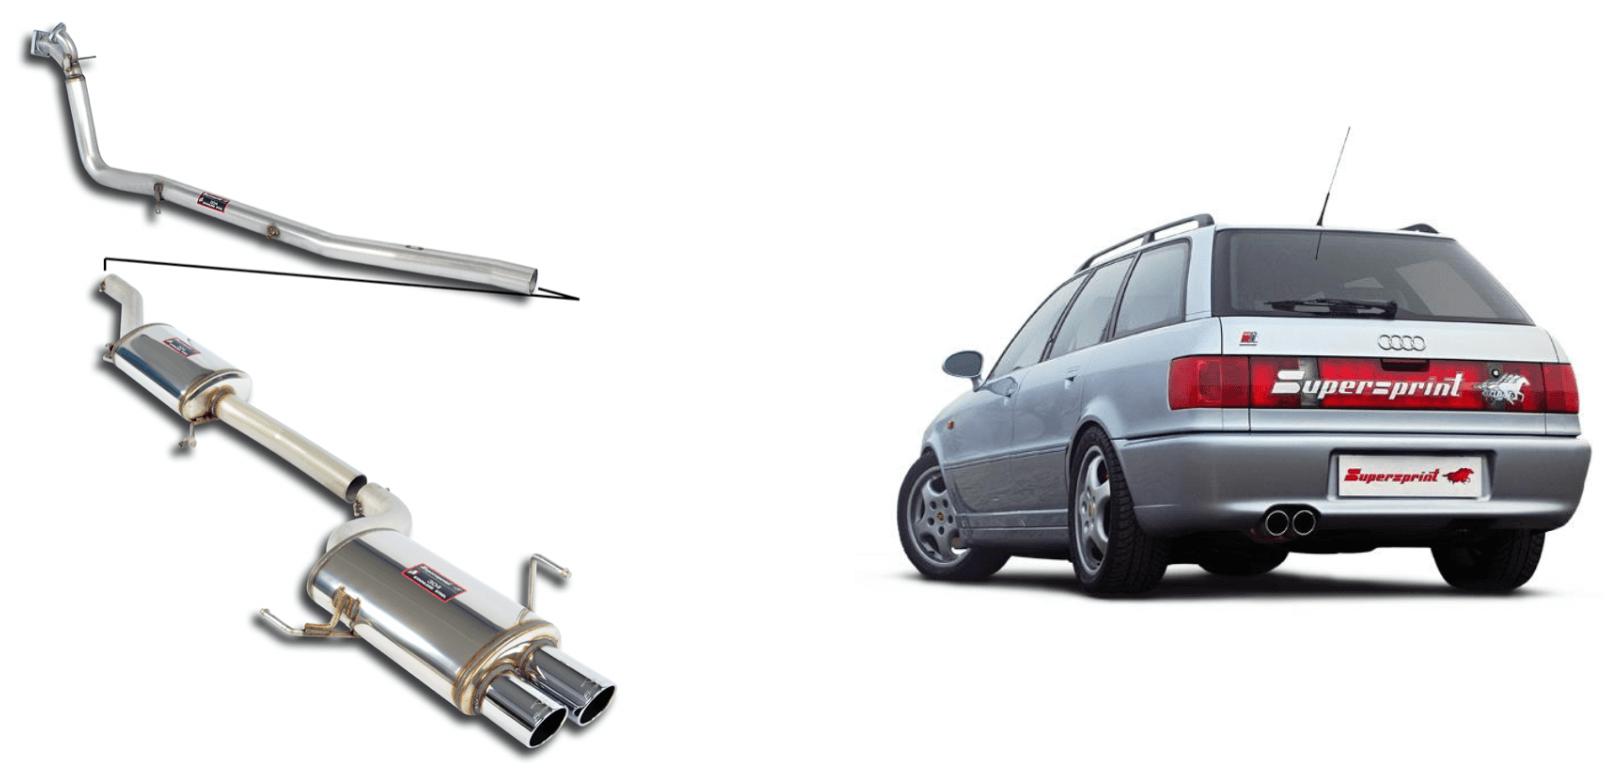 AUDI-RS2-Avant-2-2i-Turbo-Quattro-supersprint-auspuffanlage